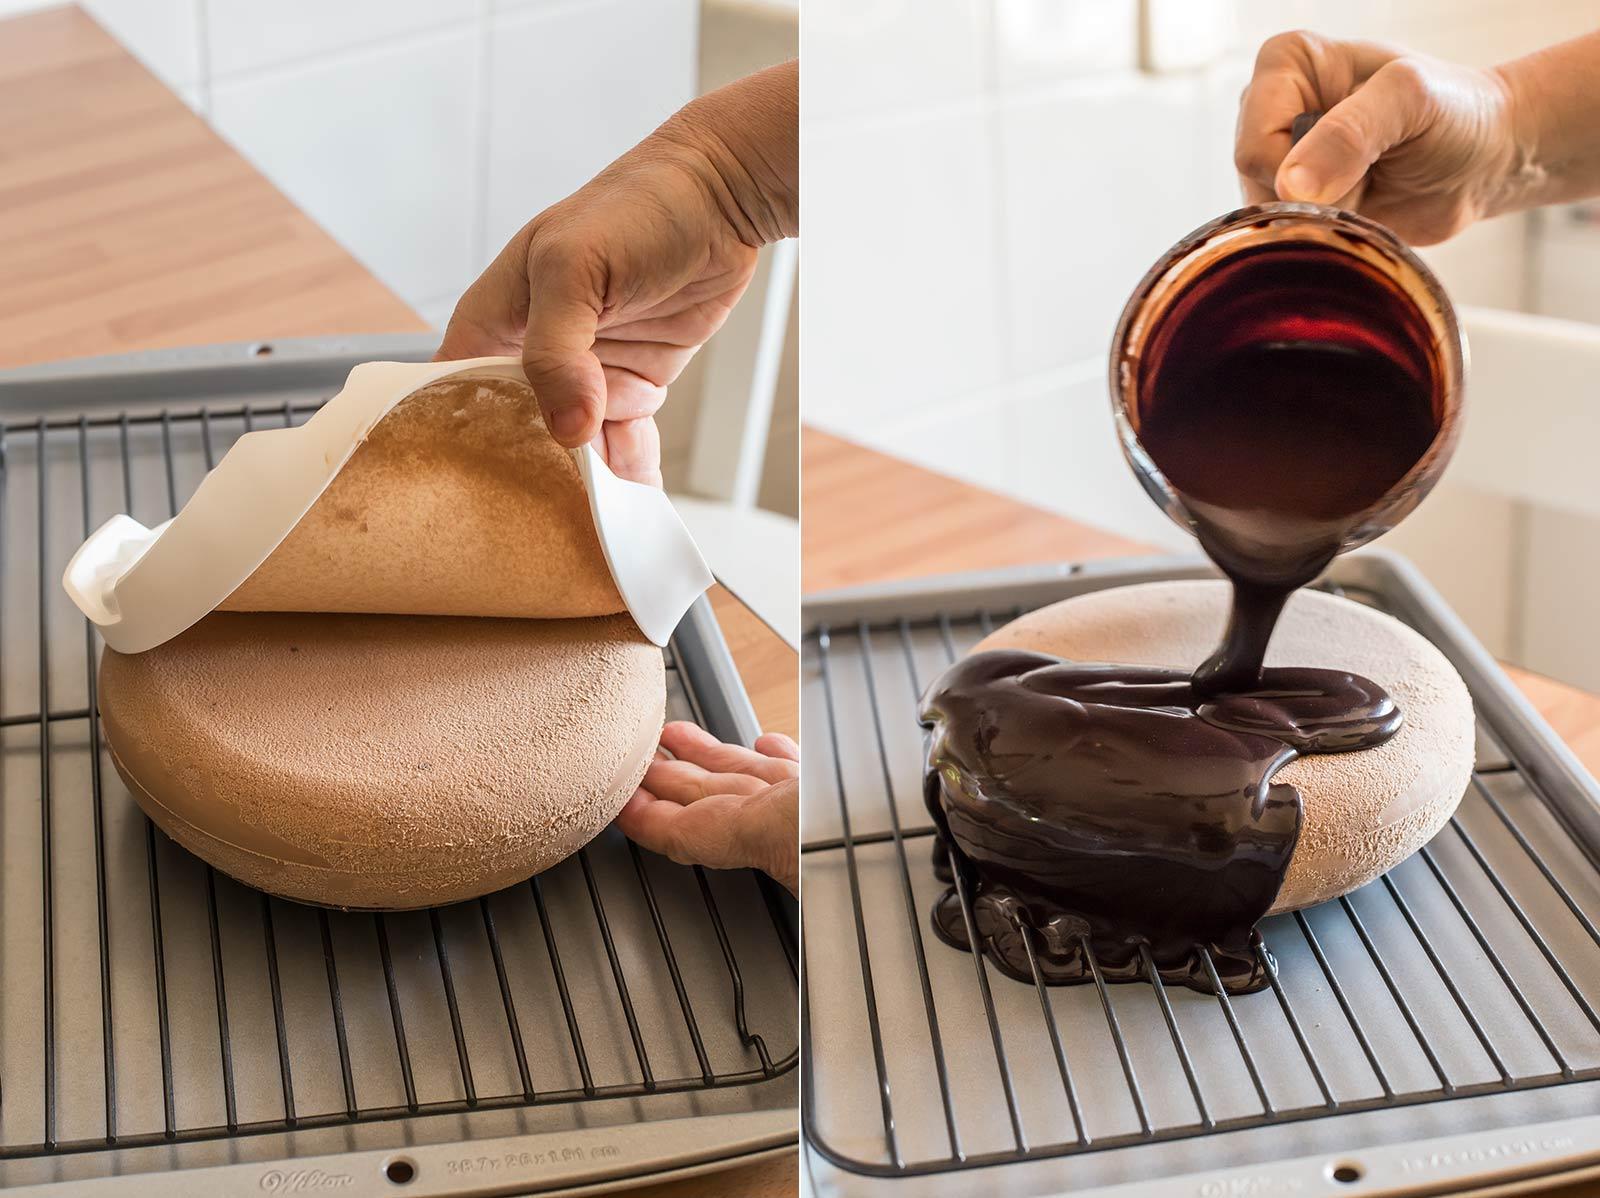 receta tarta mousse fruta pasion gianduja